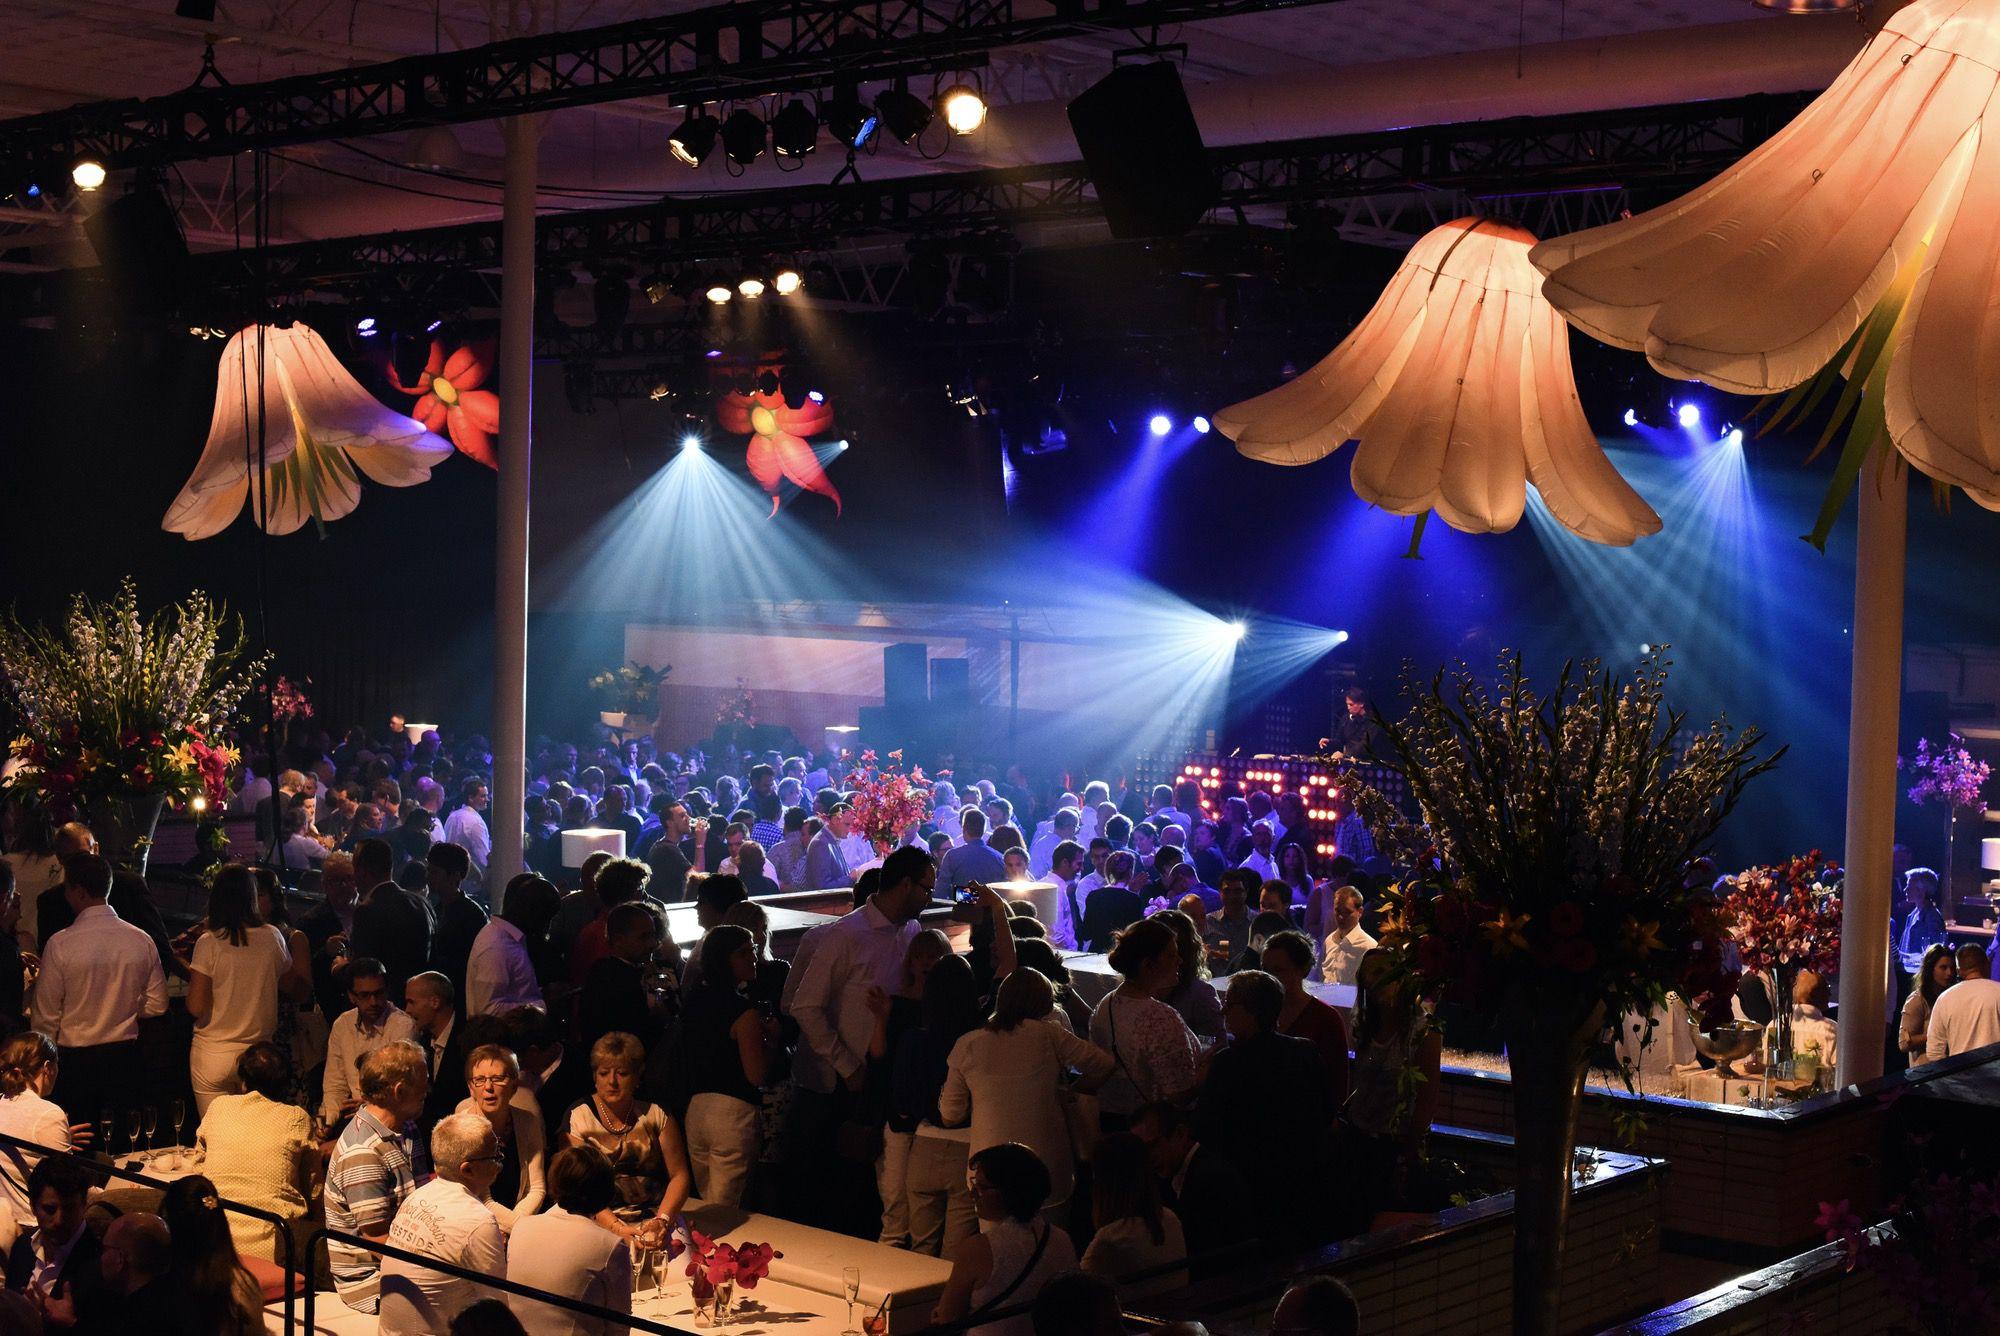 bart albrecht fotograaf photographer huwelijksfotograaf bruidsfotograaf events bedrijfsfeesten party feesten fotografie 0006.jpg